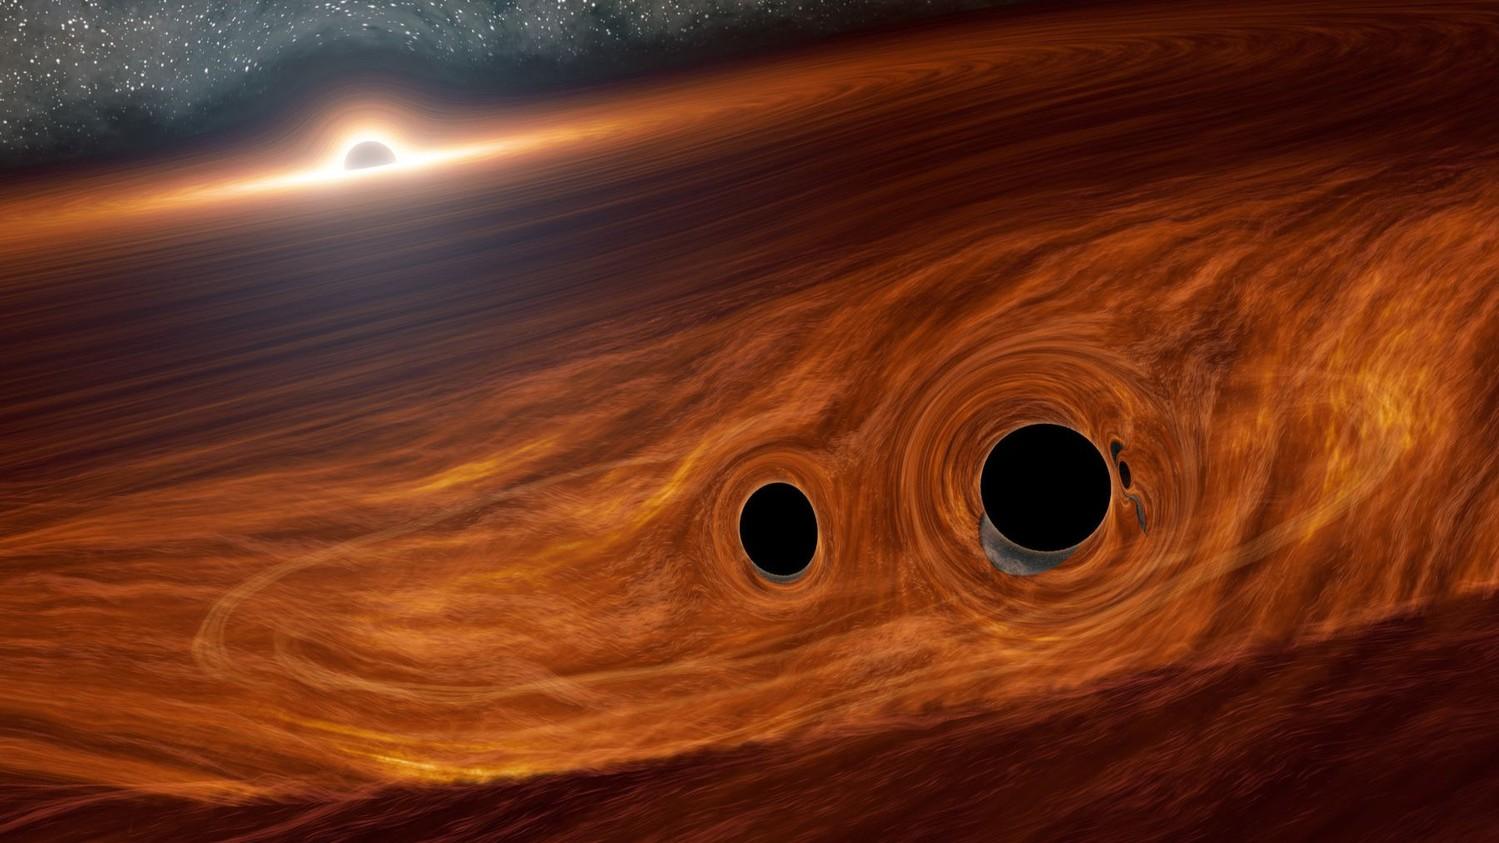 Молодые черные дыры нарушают законы физики, ученые в недоумении